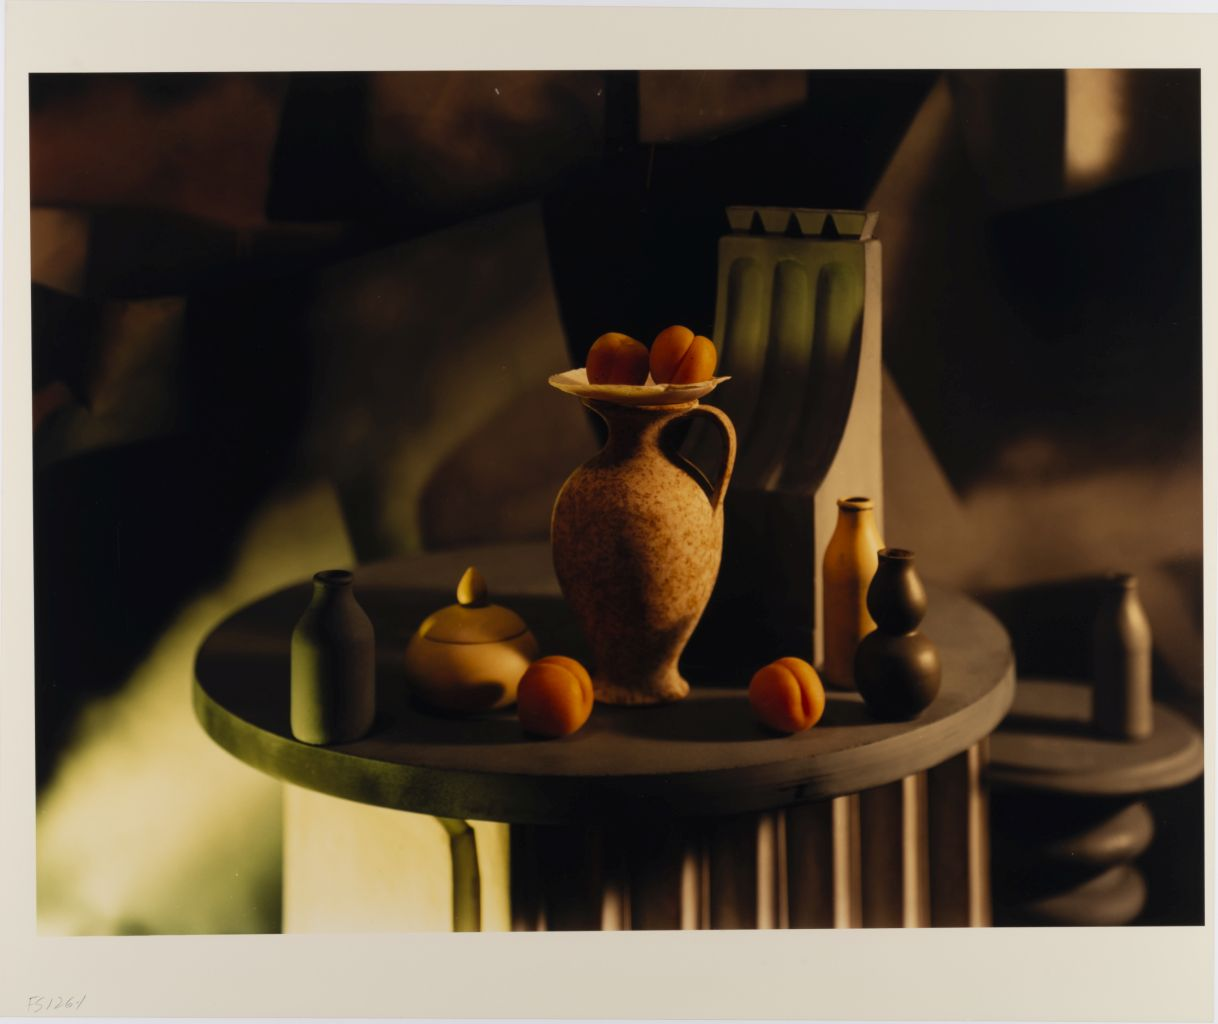 Jan Groover, Senza titolo / Untitled, circa 1988-1989 © Musée de l'Elysée, Lausanne – Jan Groover Archives